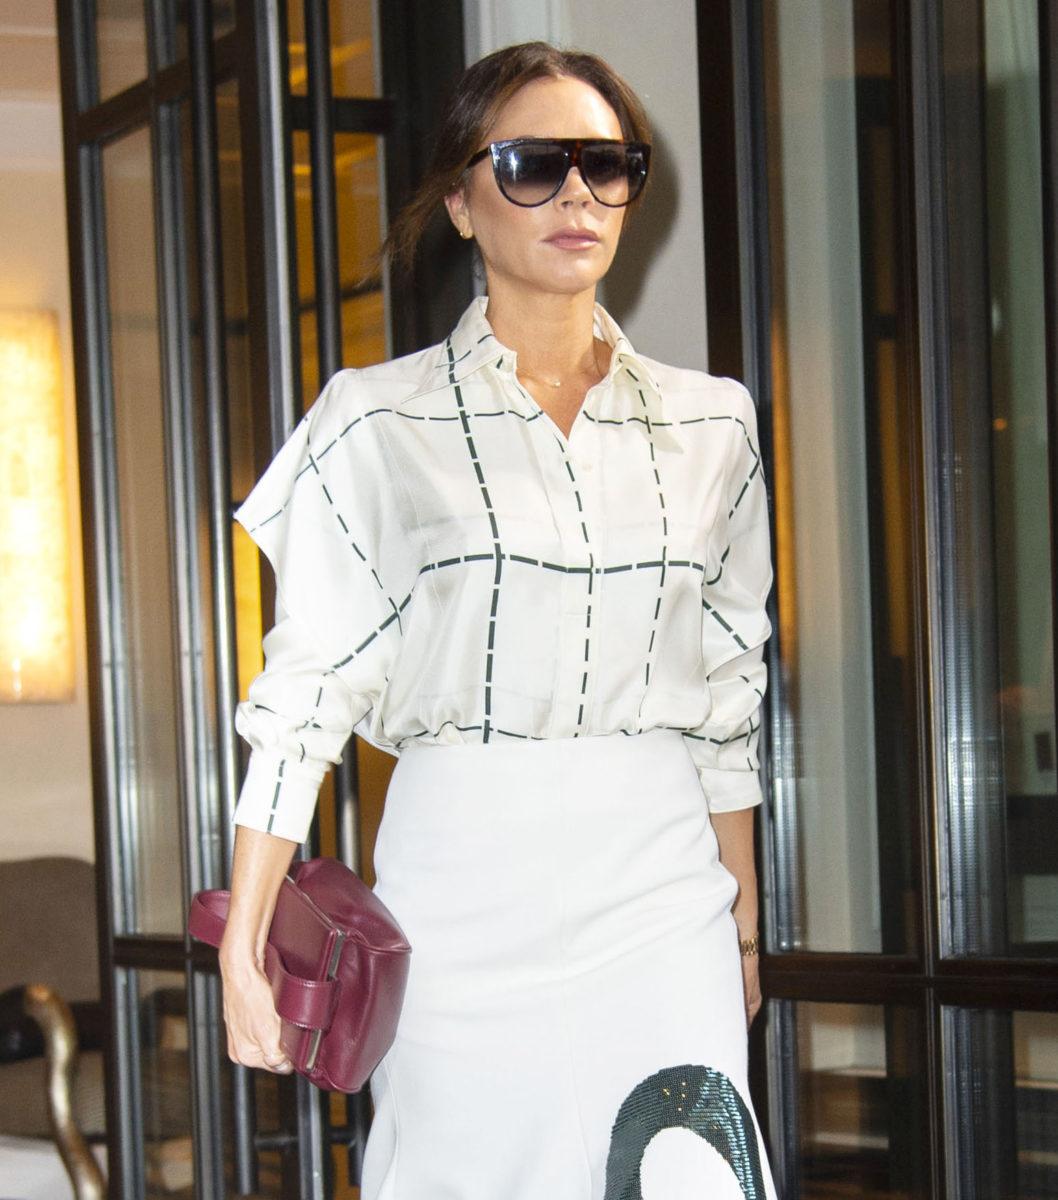 Το πρώτο προϊόν skincare της Victoria Beckham αποδεικνύει πόσο σοβαρά βλέπει το beauty!   tlife.gr